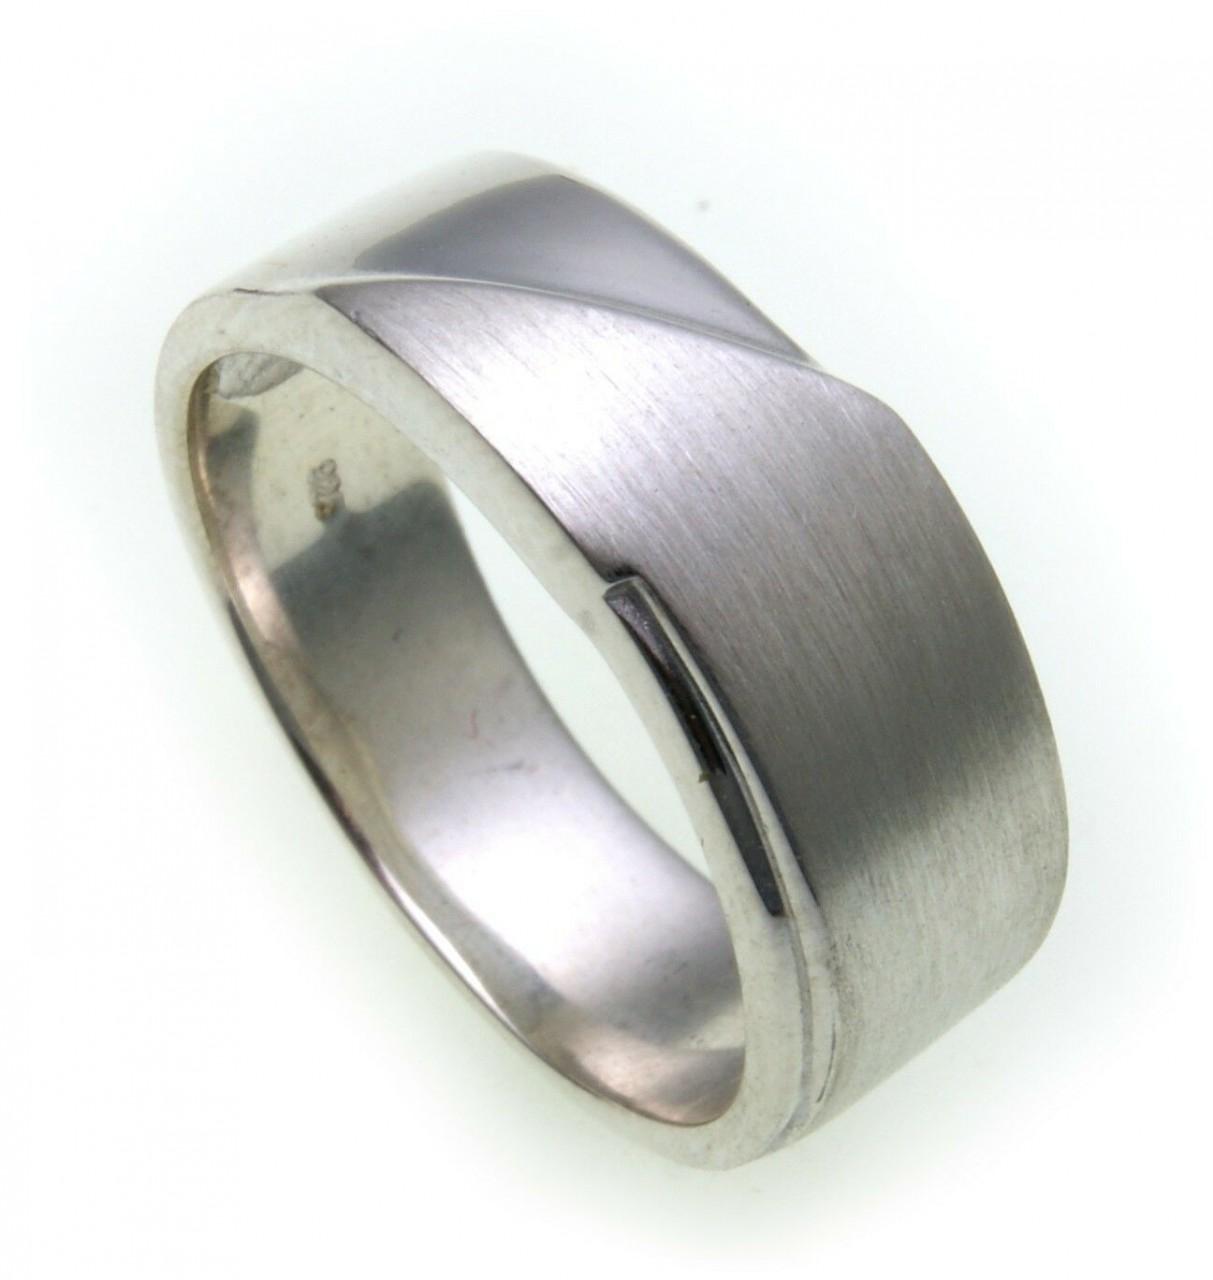 Herren Ring echt Silber 925 teilmattiert massiv schwer Sterlingsilber Qualität